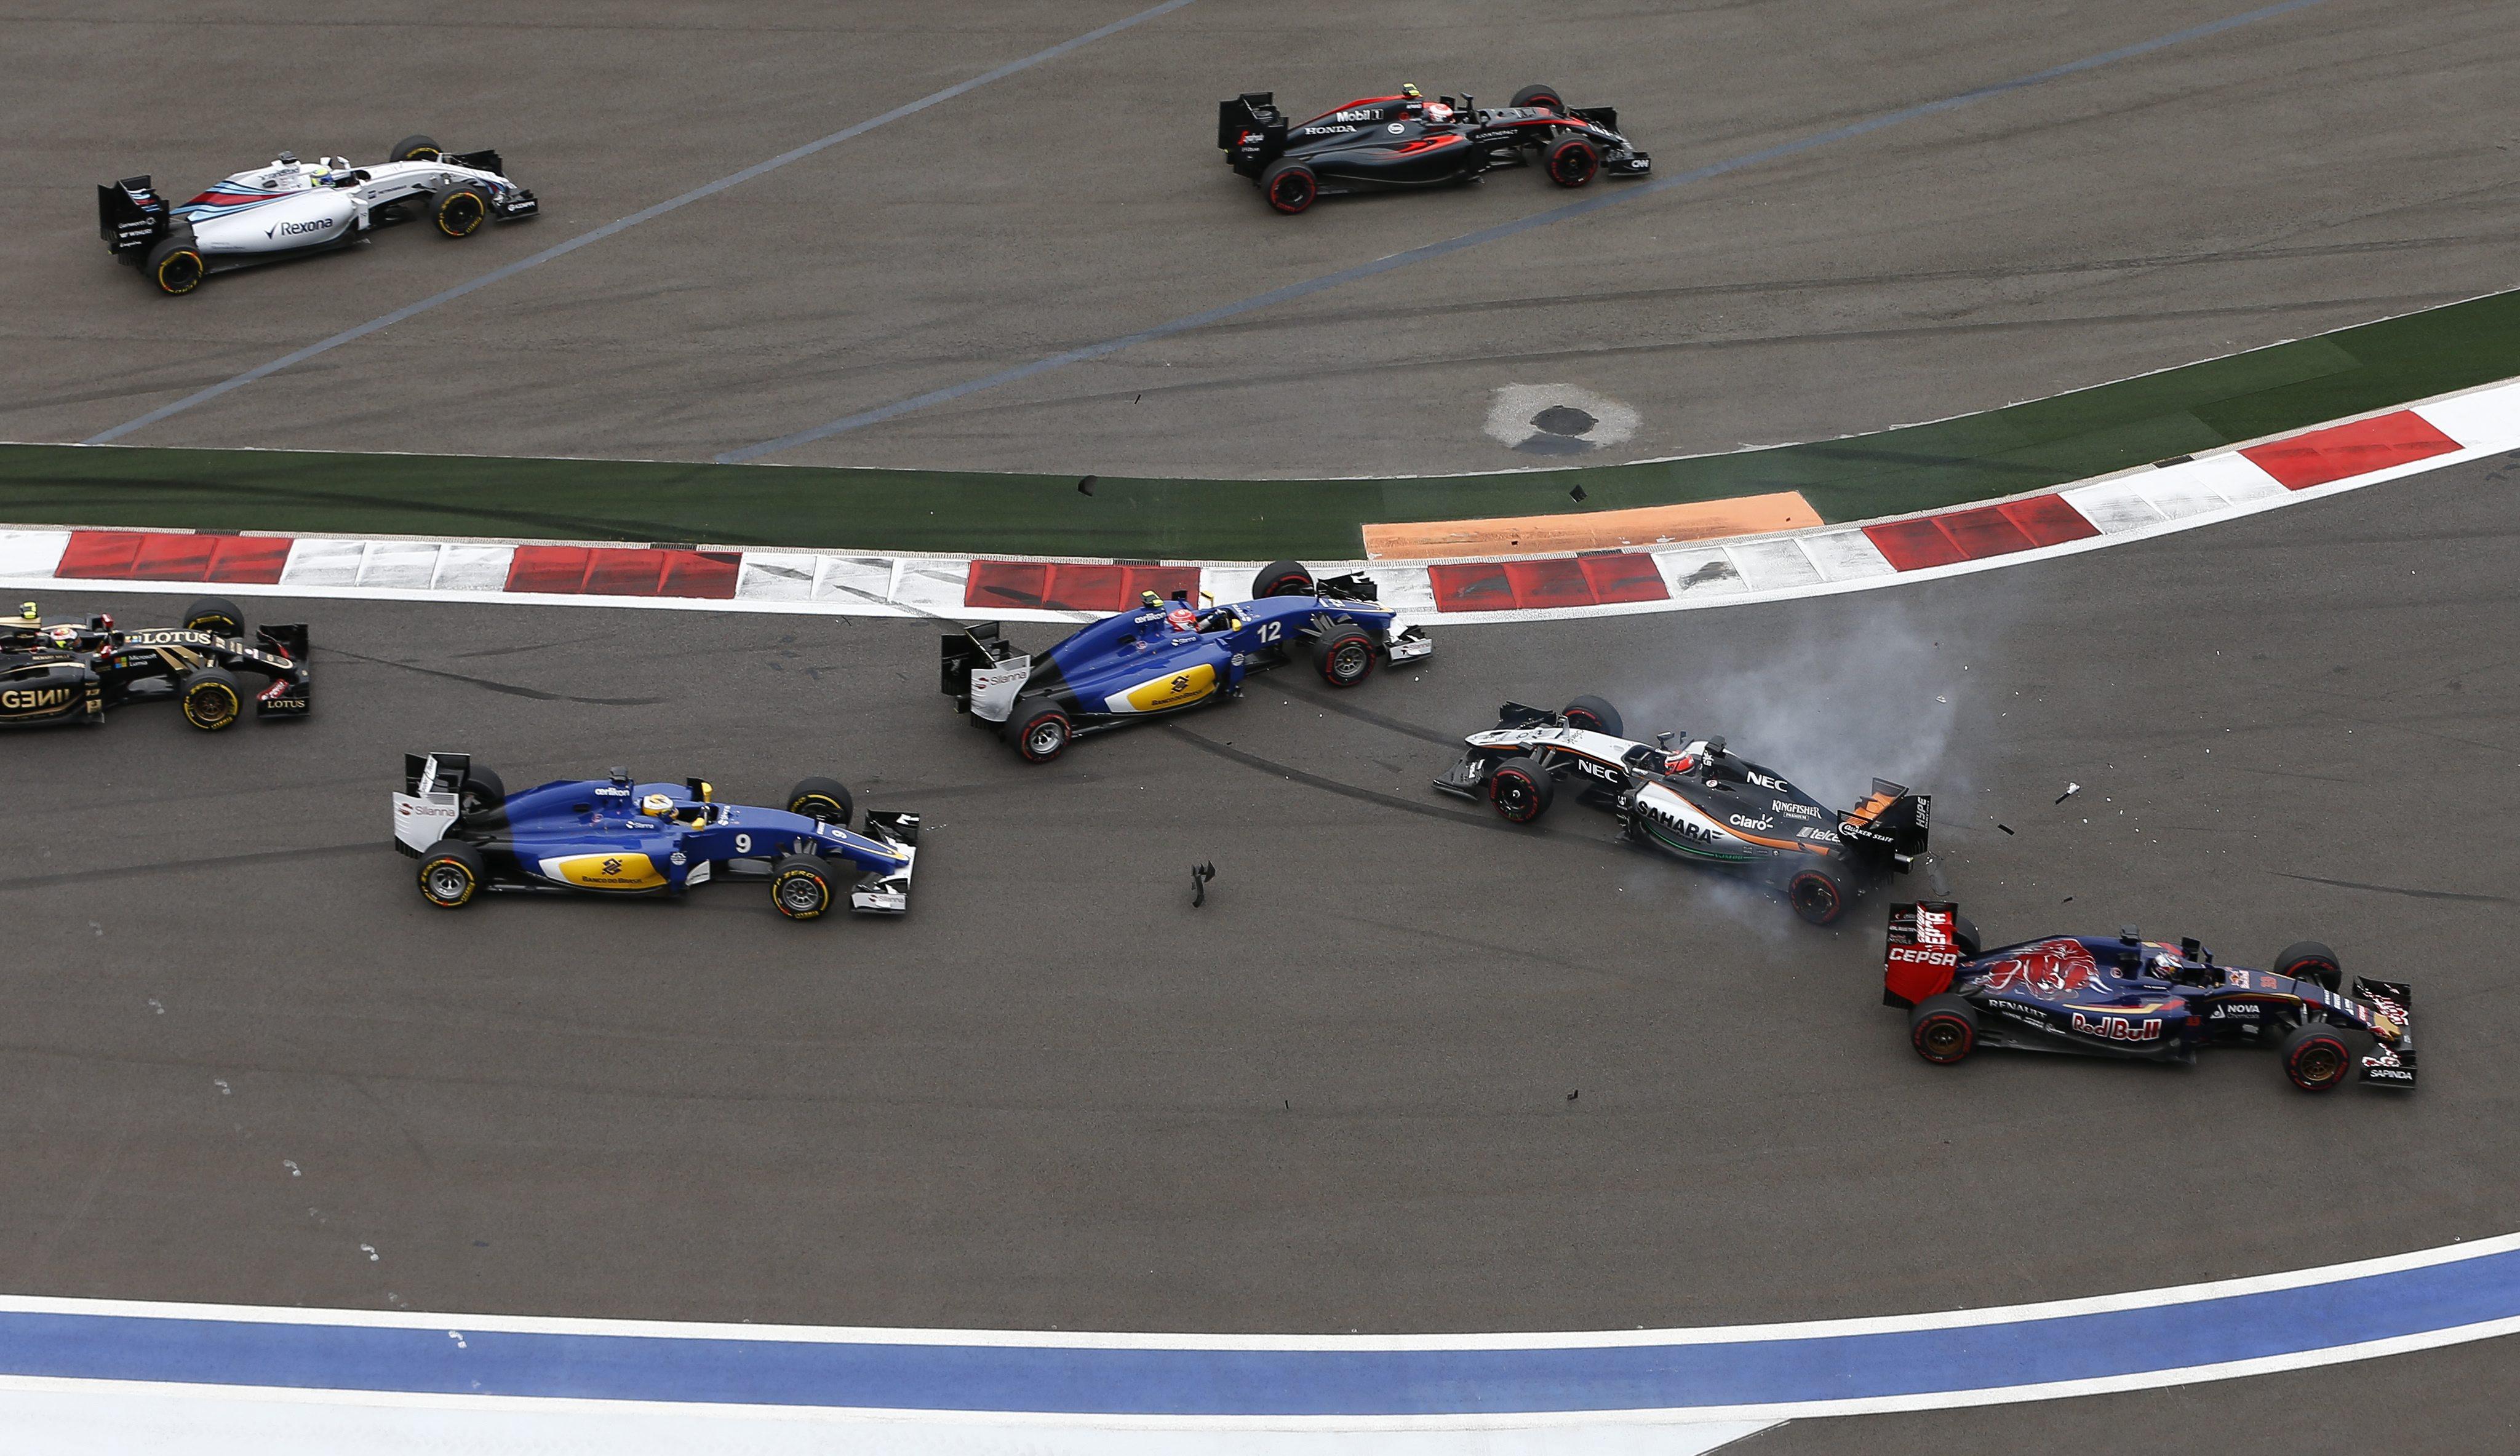 Crashes maken nog altijd een groot deel uit van Formule 1. Foto: EPA